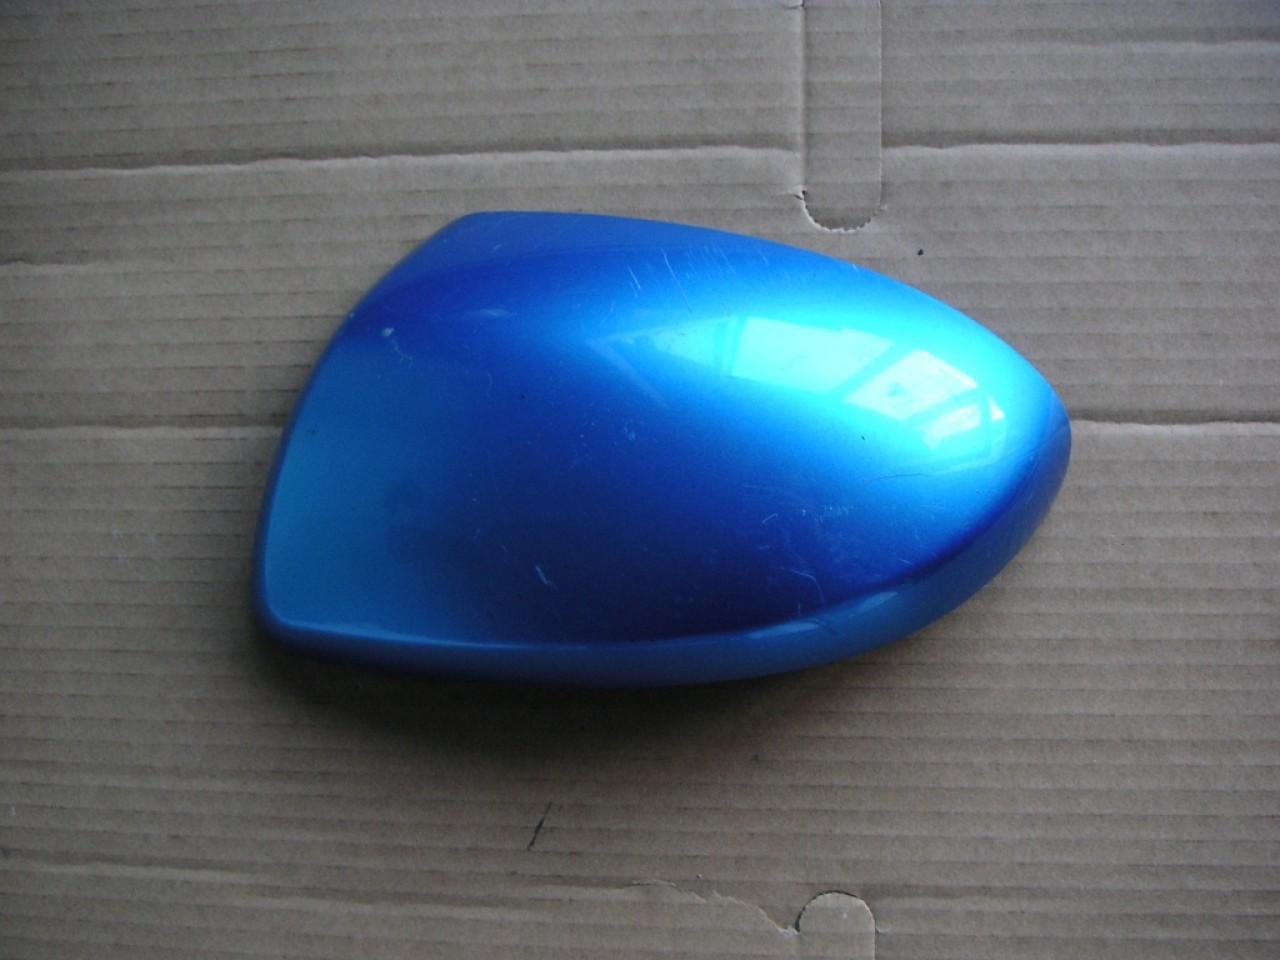 Capac oglinda stanga Mazda 2 (2007-2014) cod D651